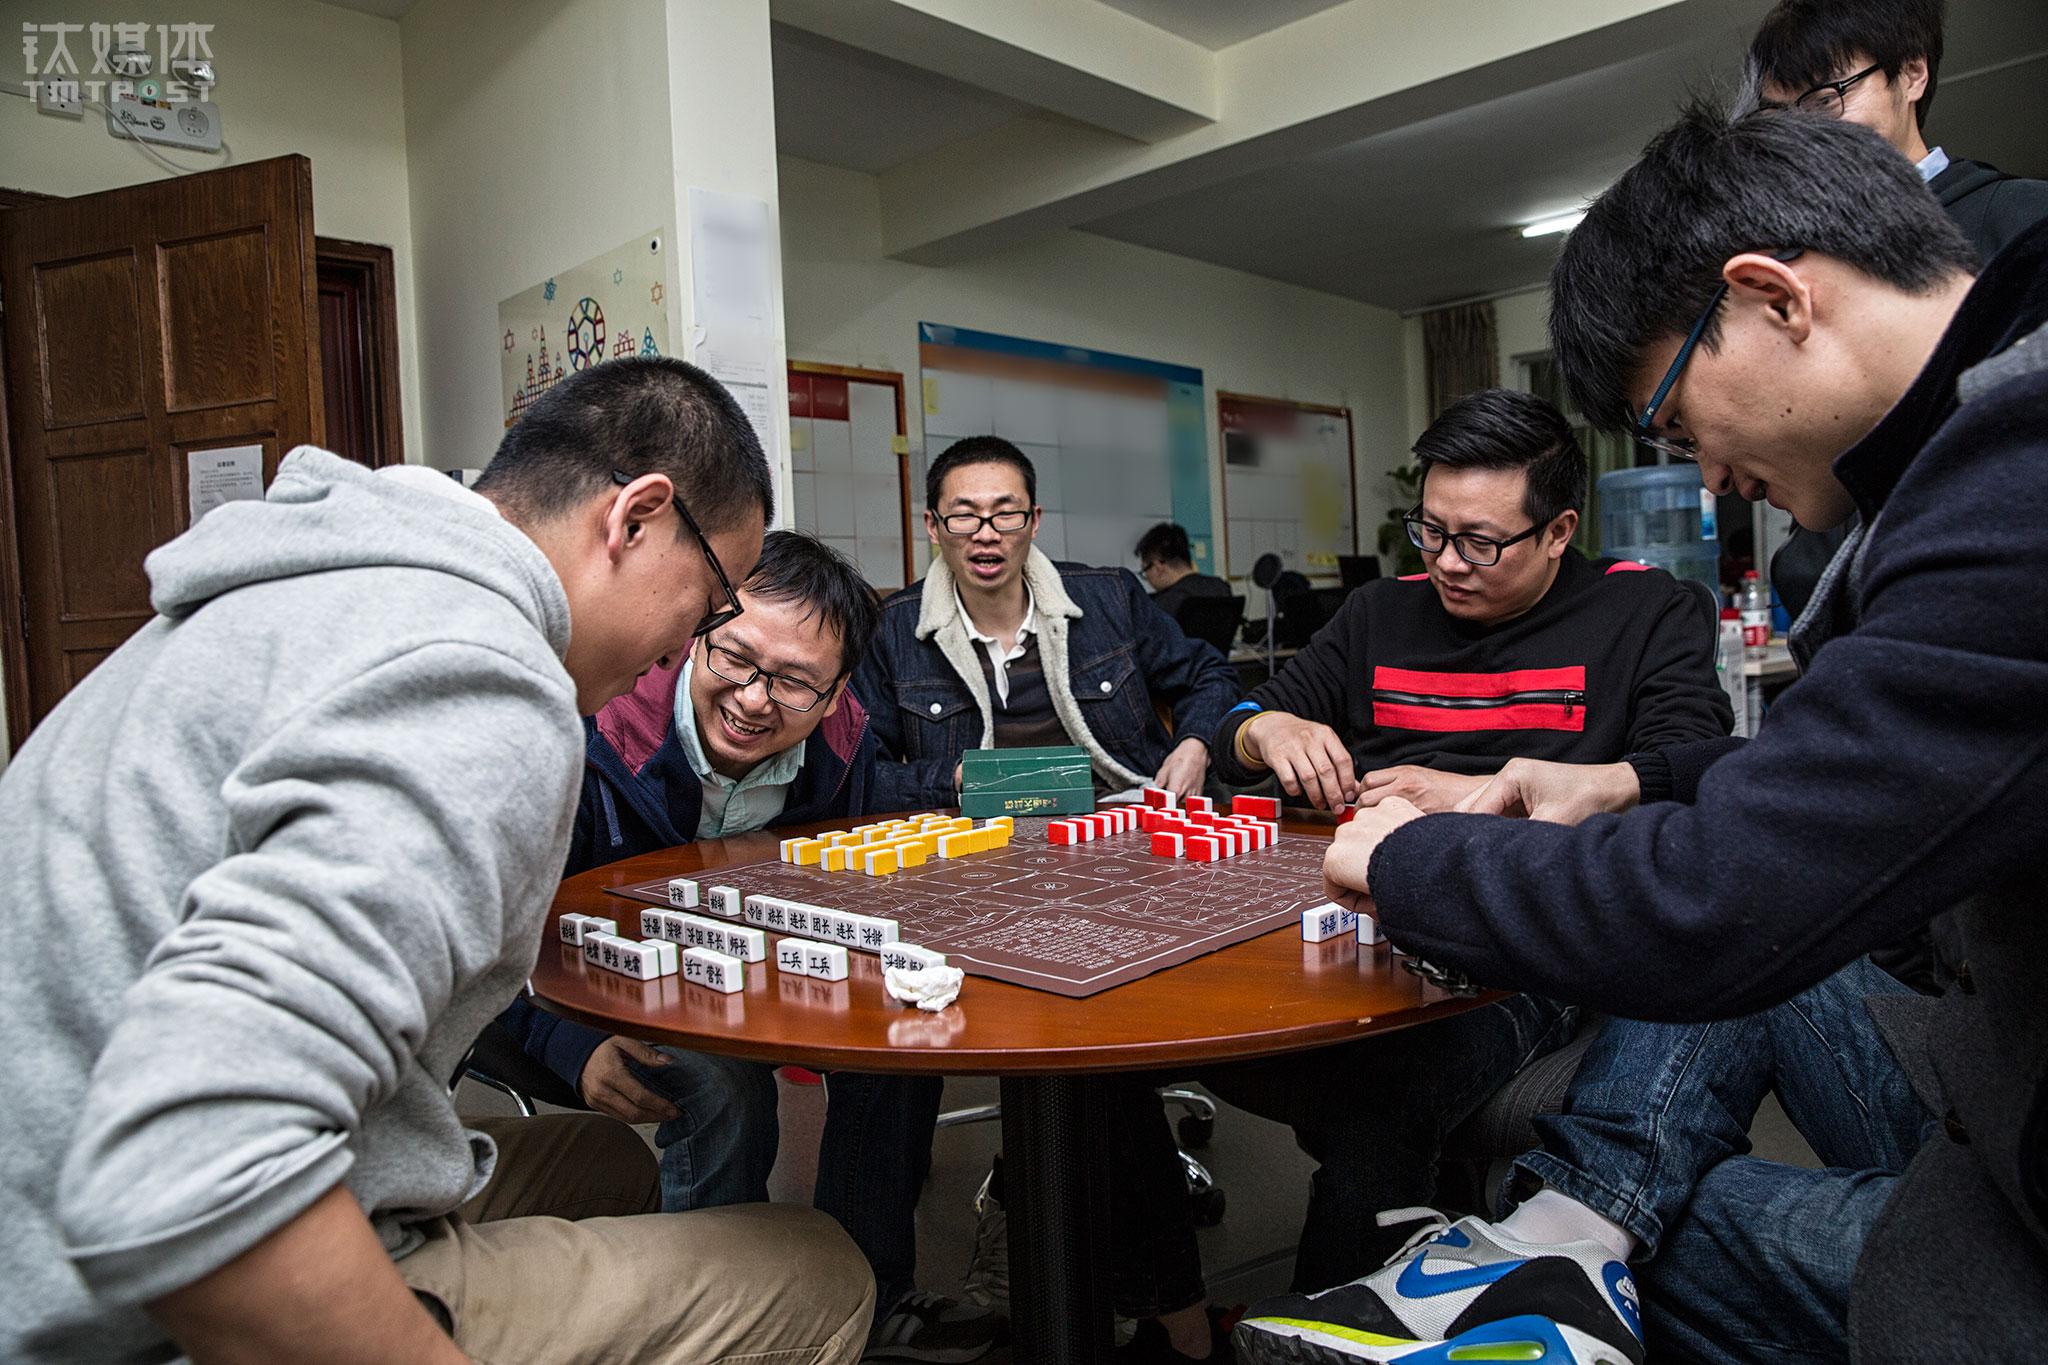 """在所有的项目中,军棋是最具钉钉特色的一个,是无招带着团队最早在湖畔花园创办钉钉的时候留下的。对这群每天都顶着巨大压力的人来说,组队PK军棋,是换一种思考方式和放松自己的最佳方式,""""军棋还是马老师当年送的。""""一名员工向钛媒体《在线》介绍。"""